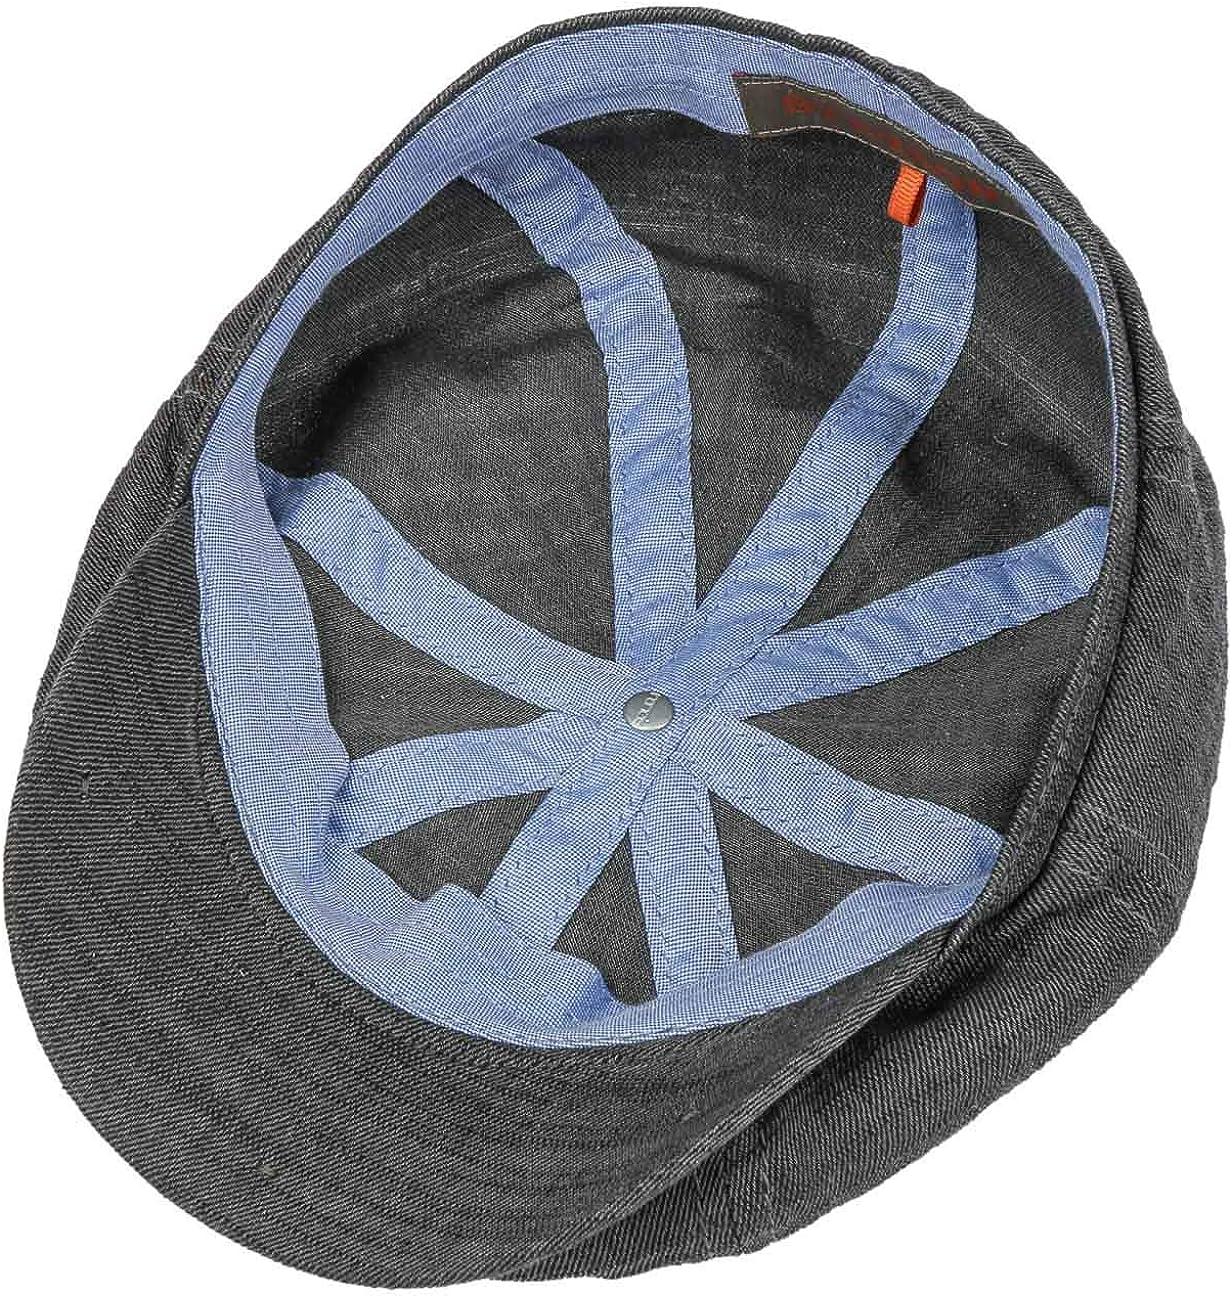 Made in Germany Berretto Newsboy Cotton cap con Visiera Primavera//Estate Stetson Coppola Hatteras Fairbank Metallic Uomo